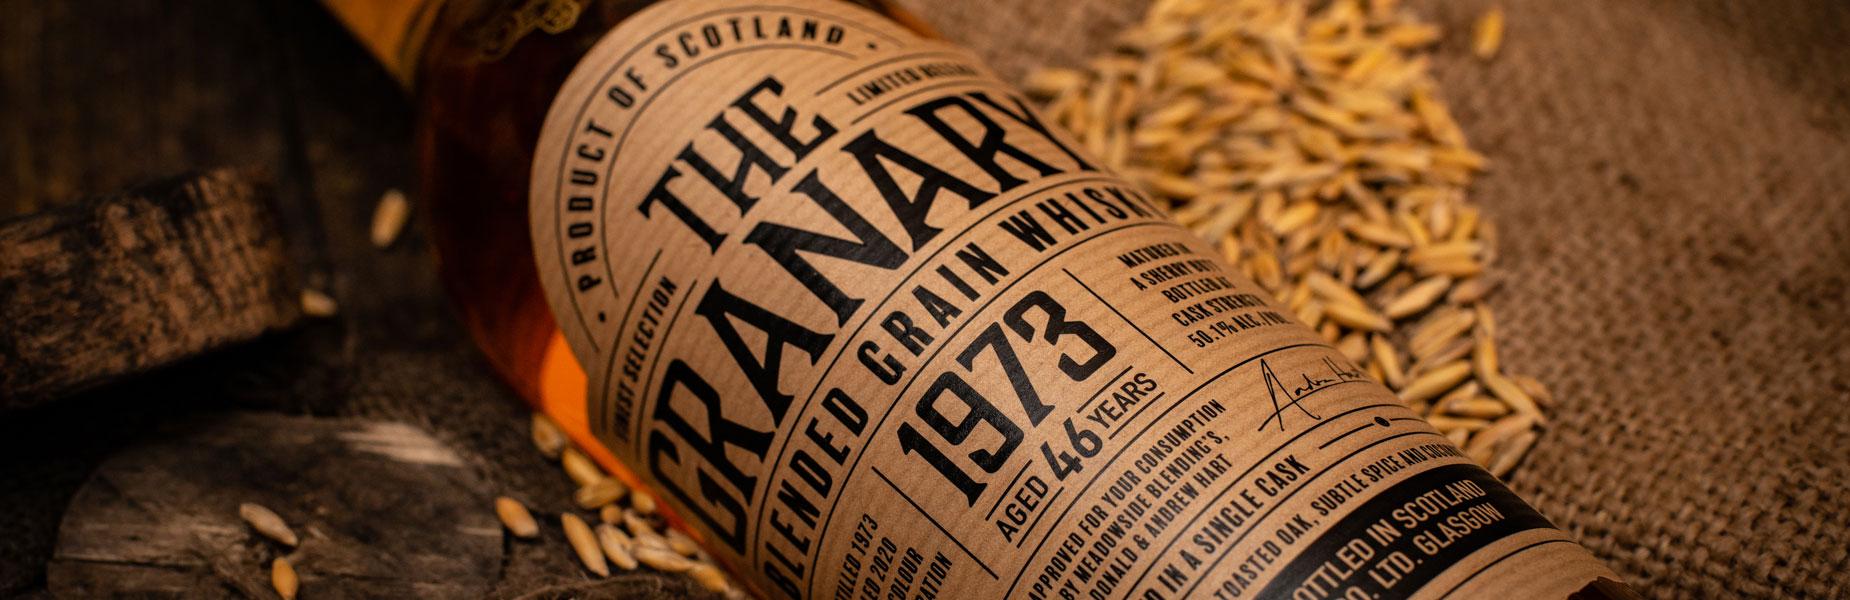 The Granary Blended Grain Whisky